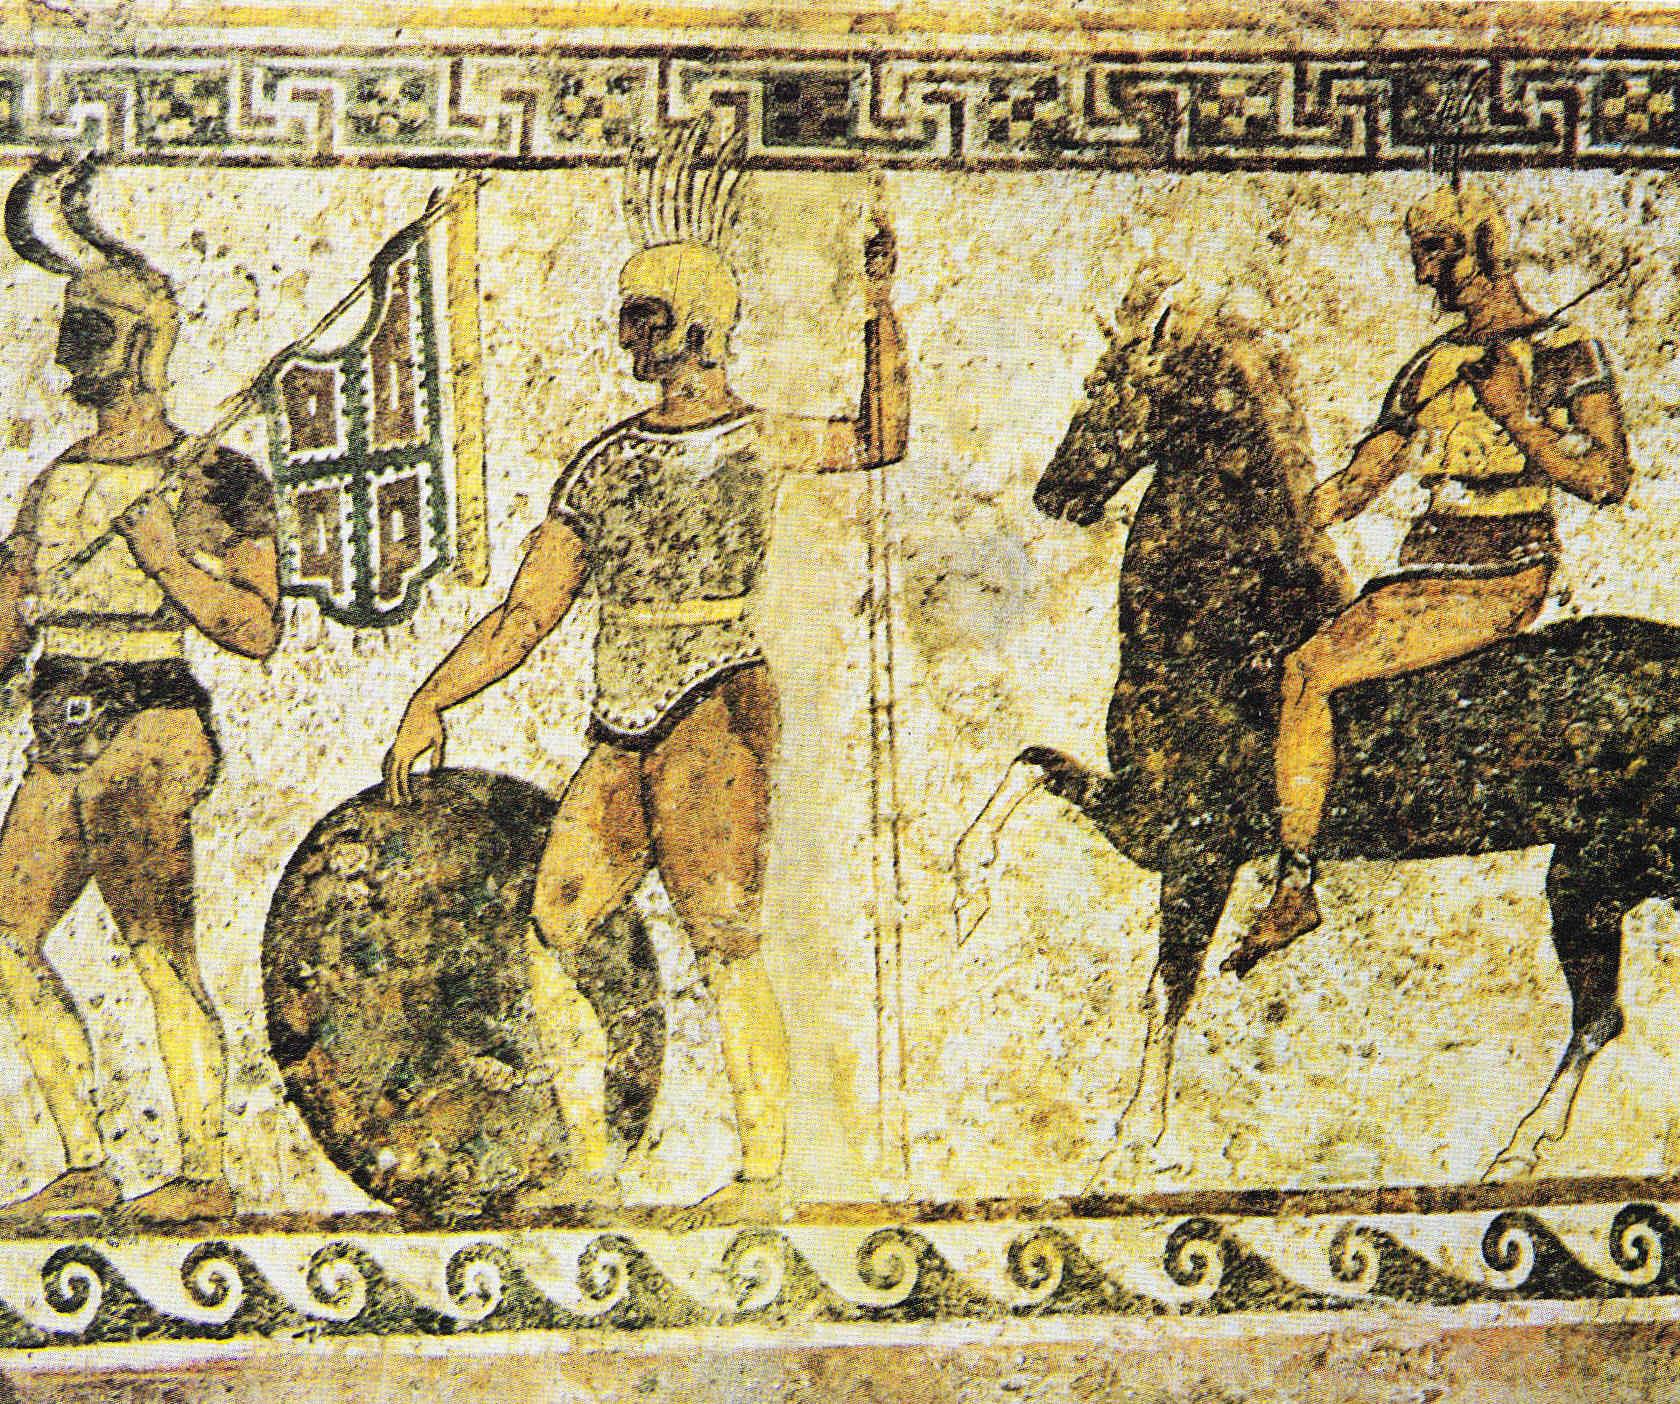 Egipto Antiguo 152 El campamento a Agar y más trigo